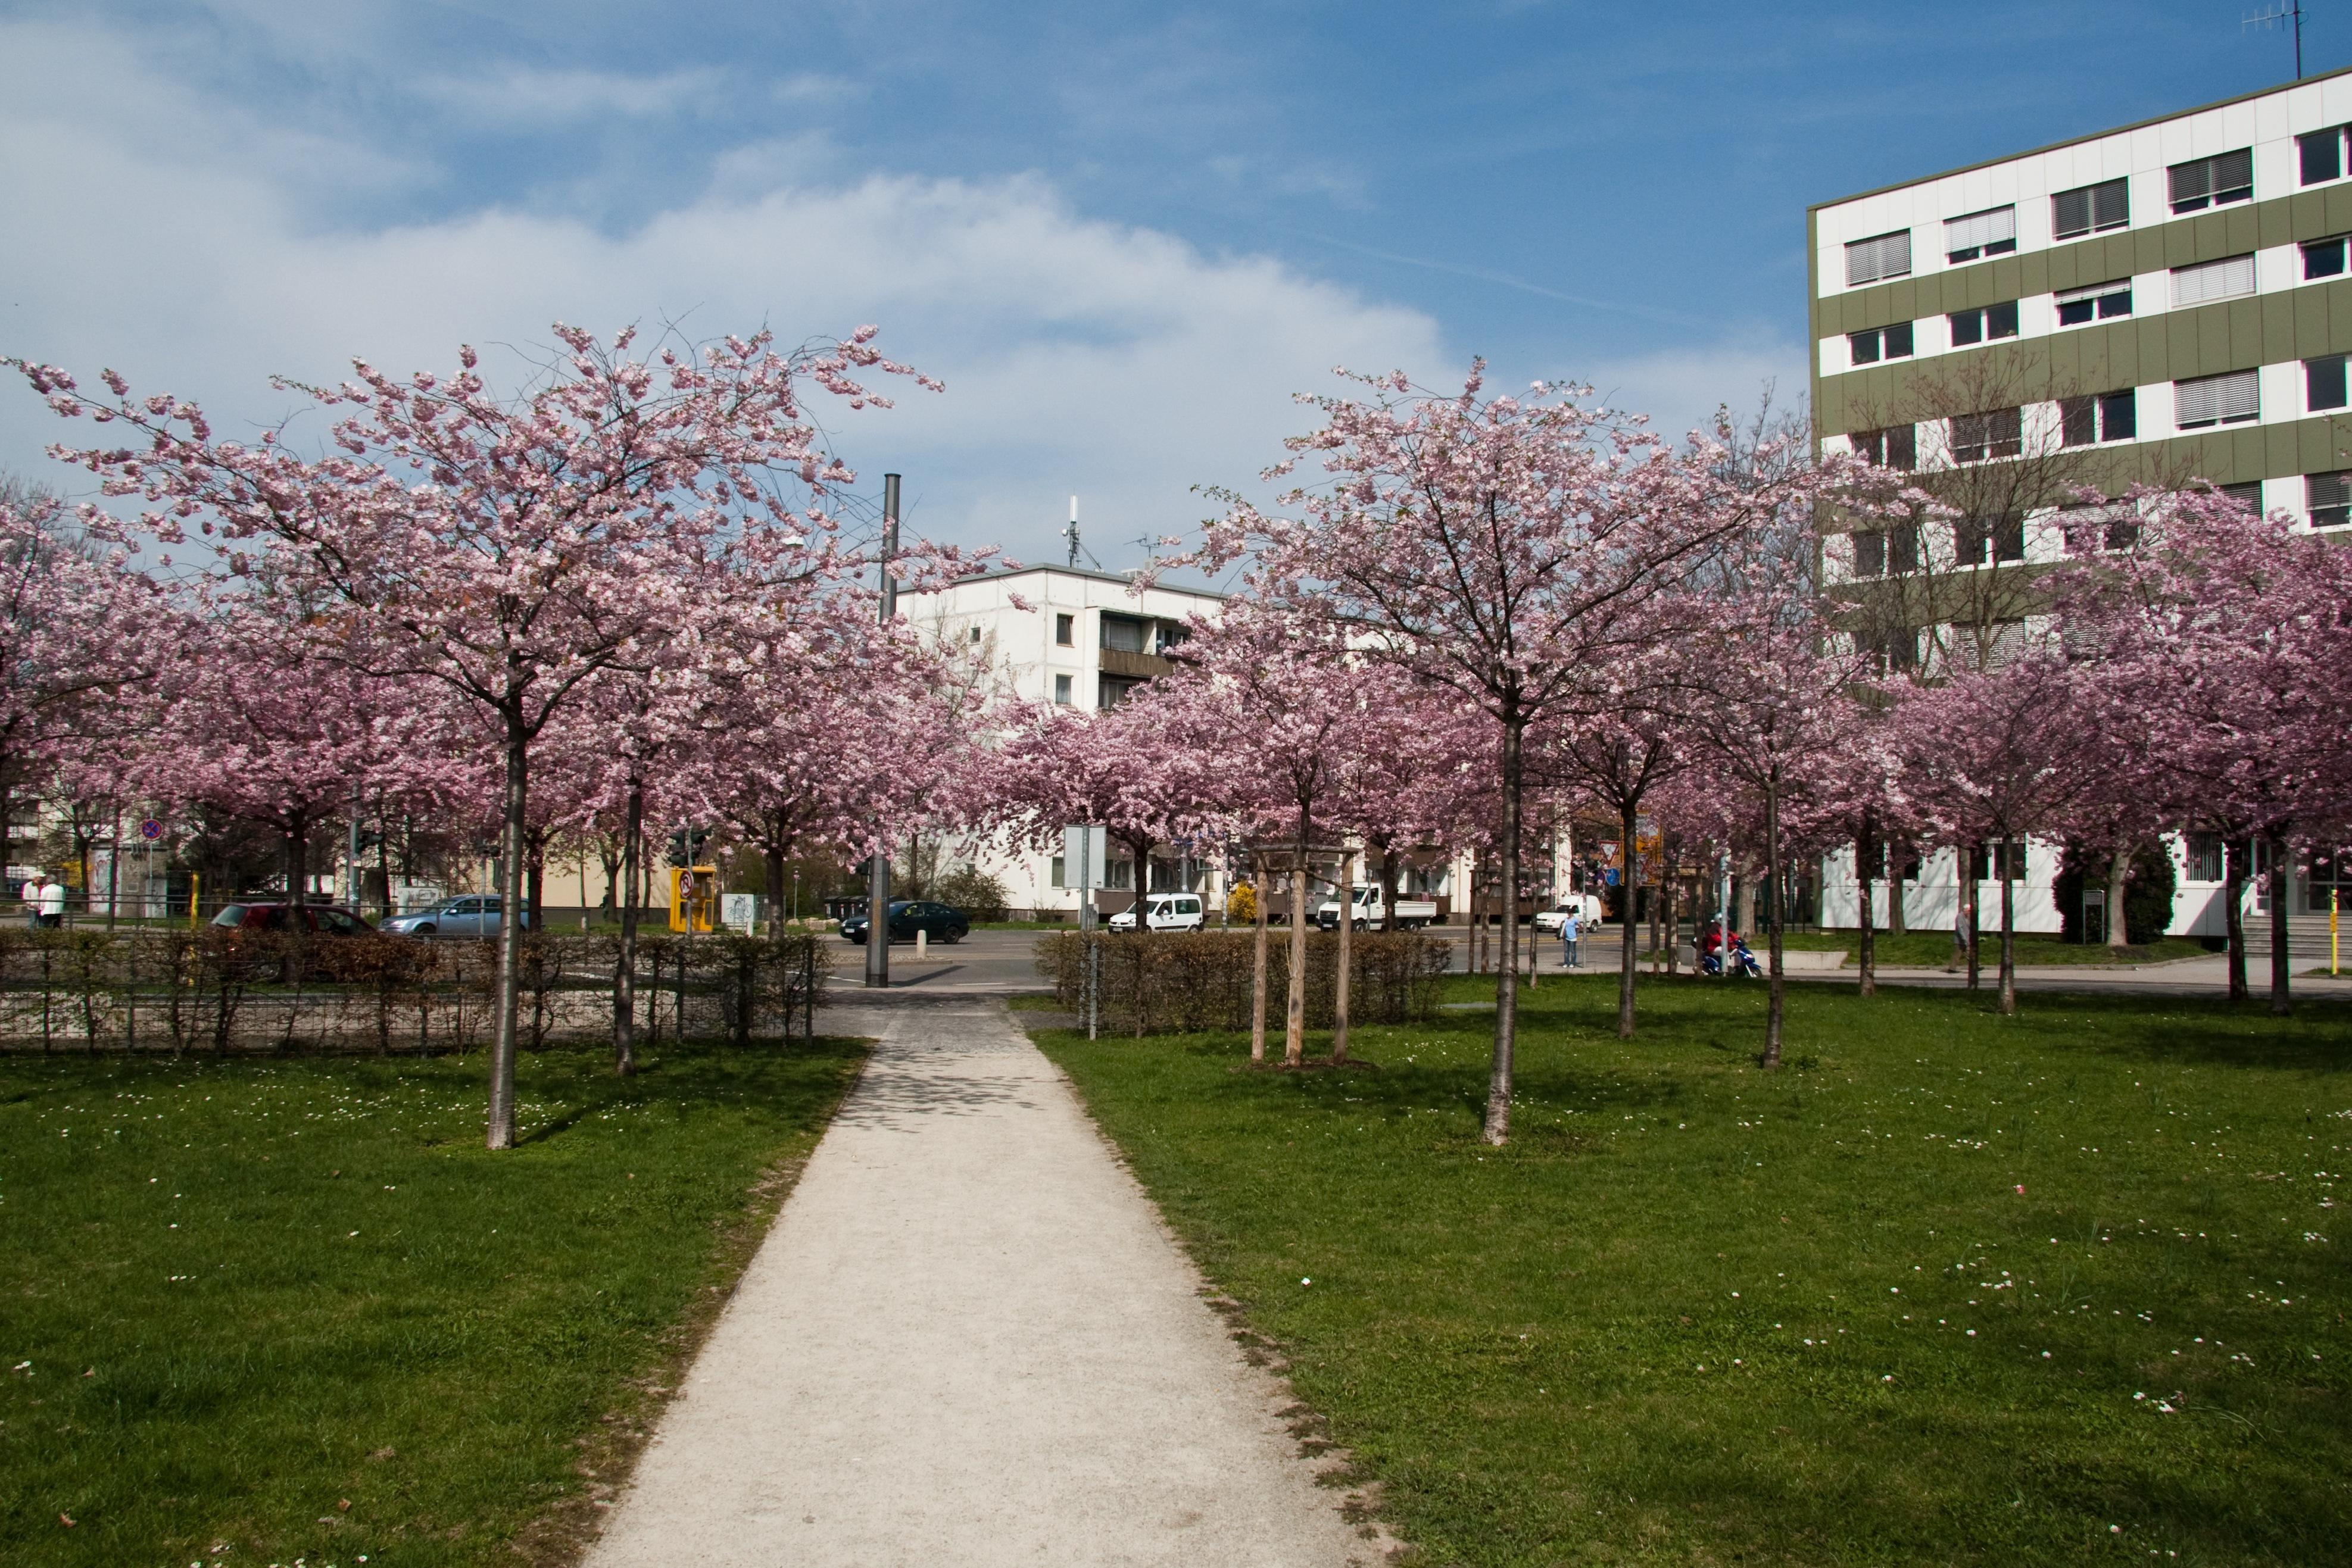 Hanseplatz in Erfurt